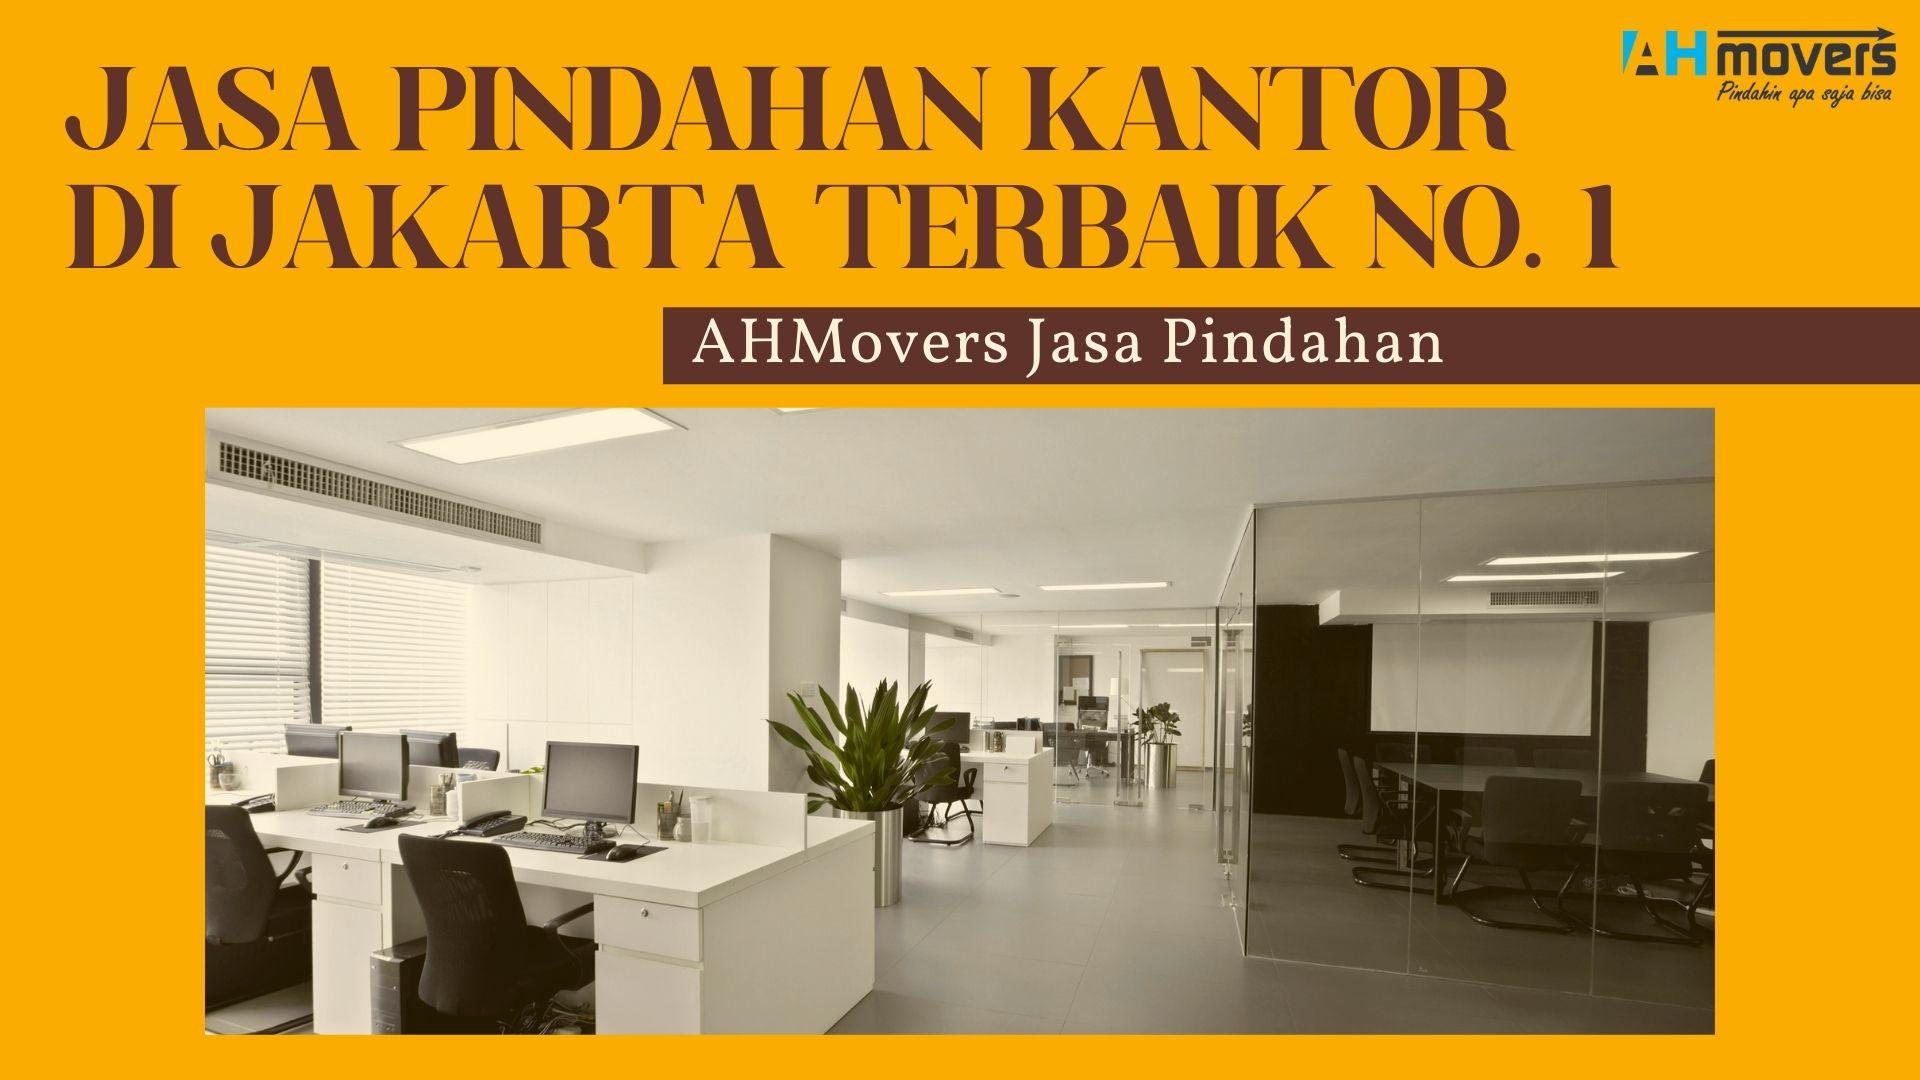 Jasa Pindahan Kantor Di Jakarta Terbaik